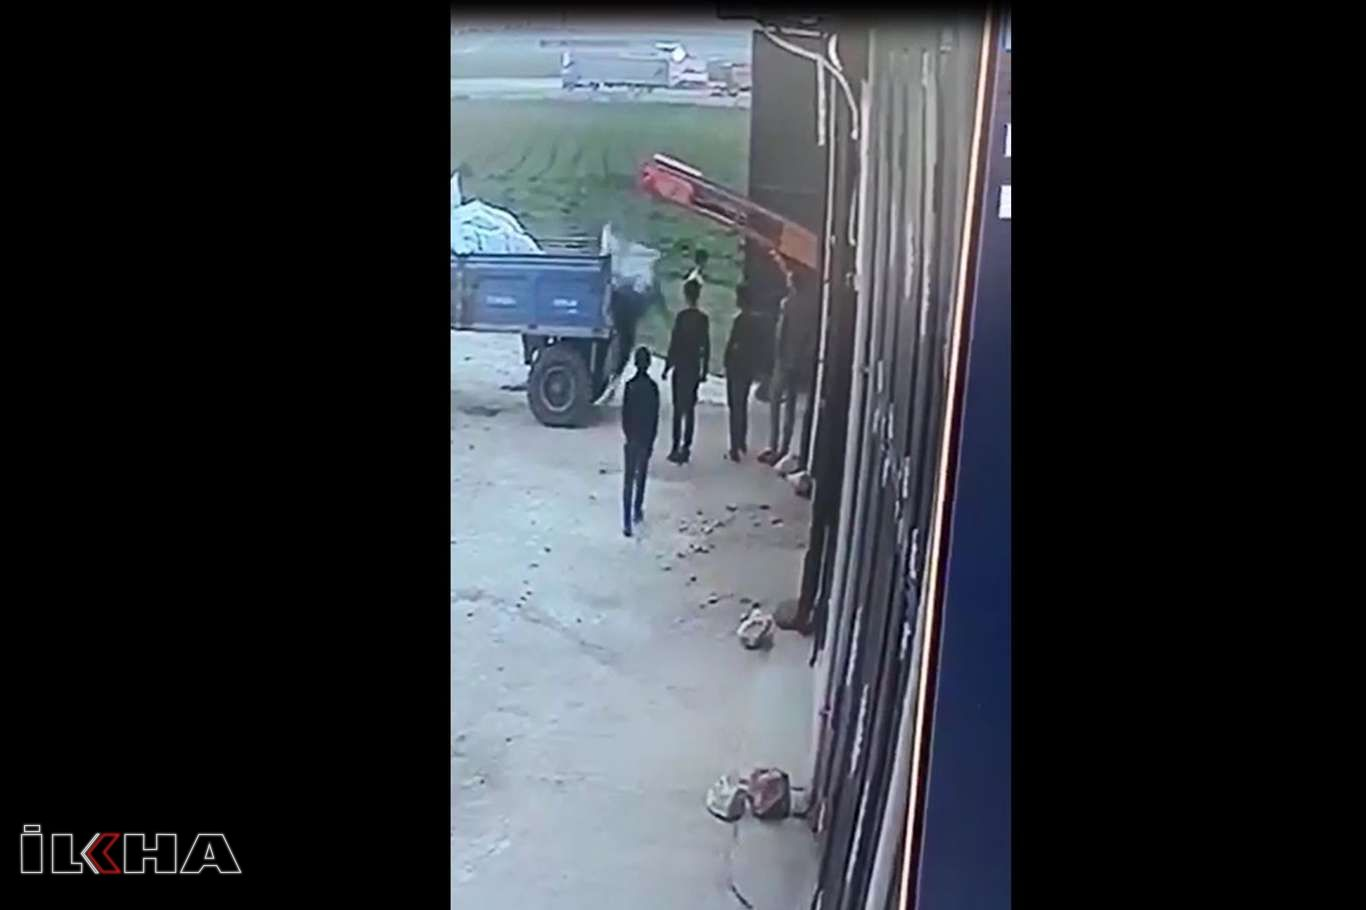 Gübre yükleyen çiftçinin dikkatsizliği kazaya neden oldu